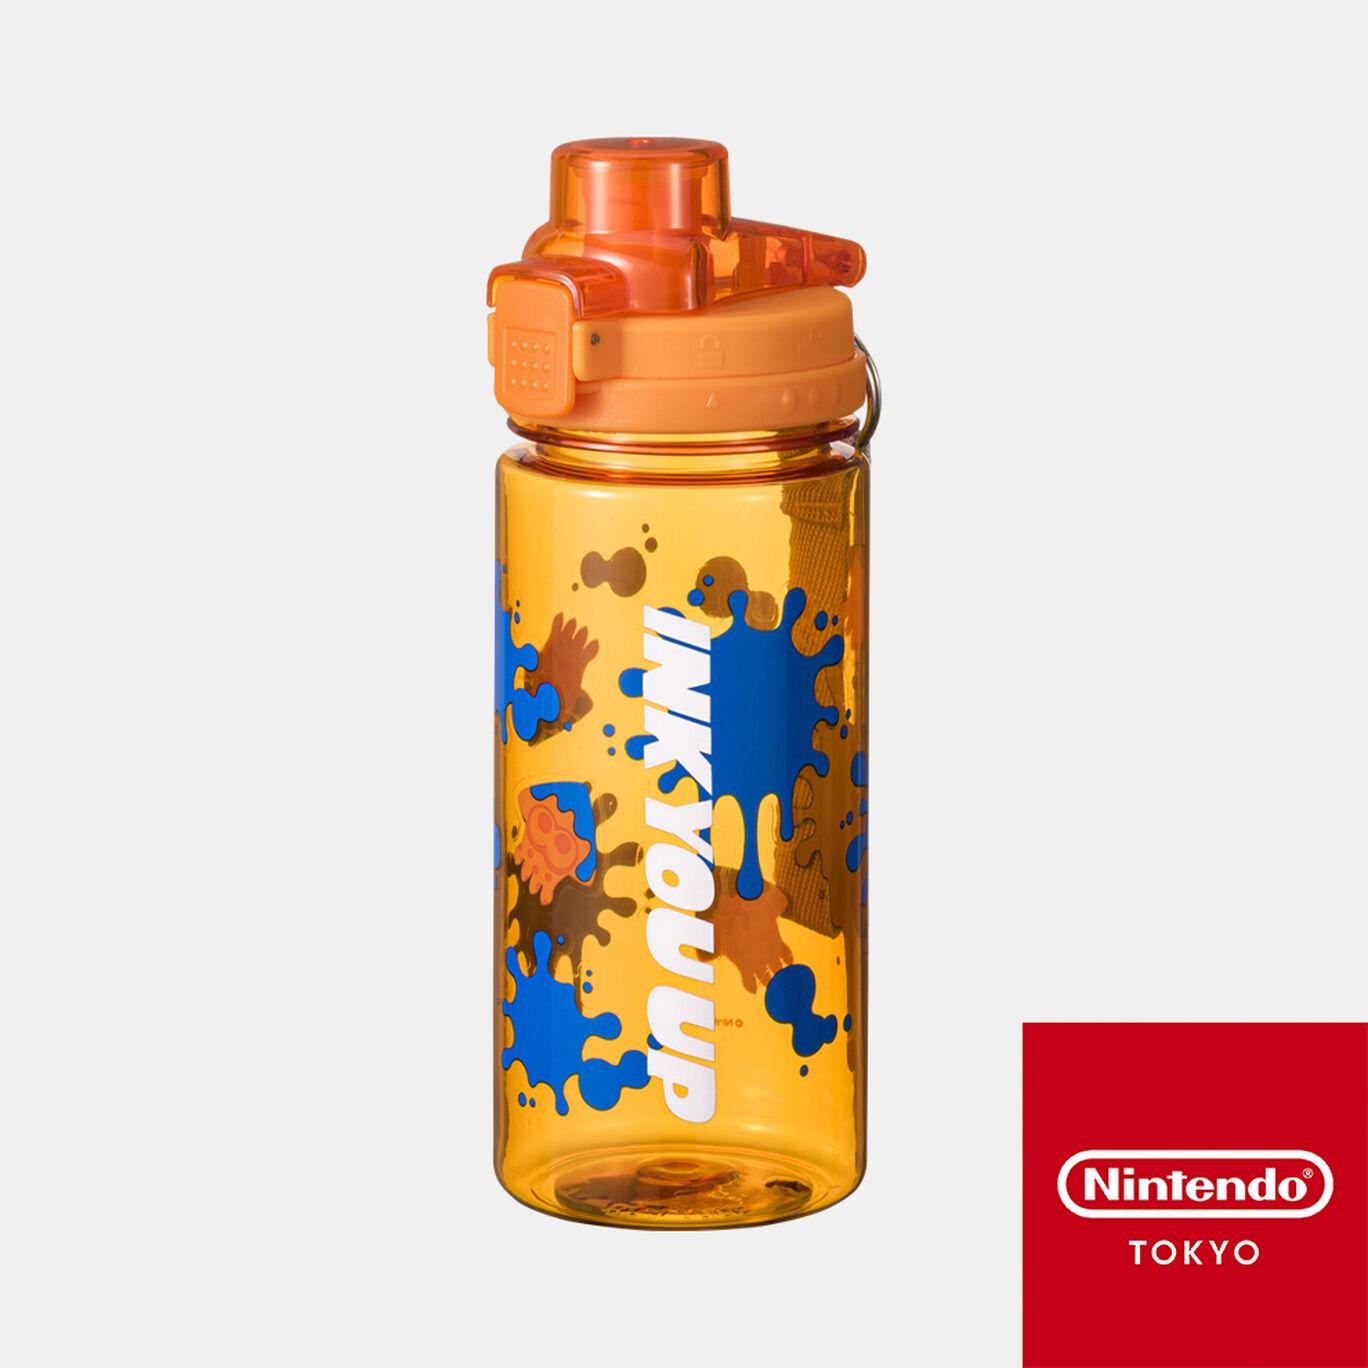 ボトル INK YOU UP【Nintendo TOKYO取り扱い商品】